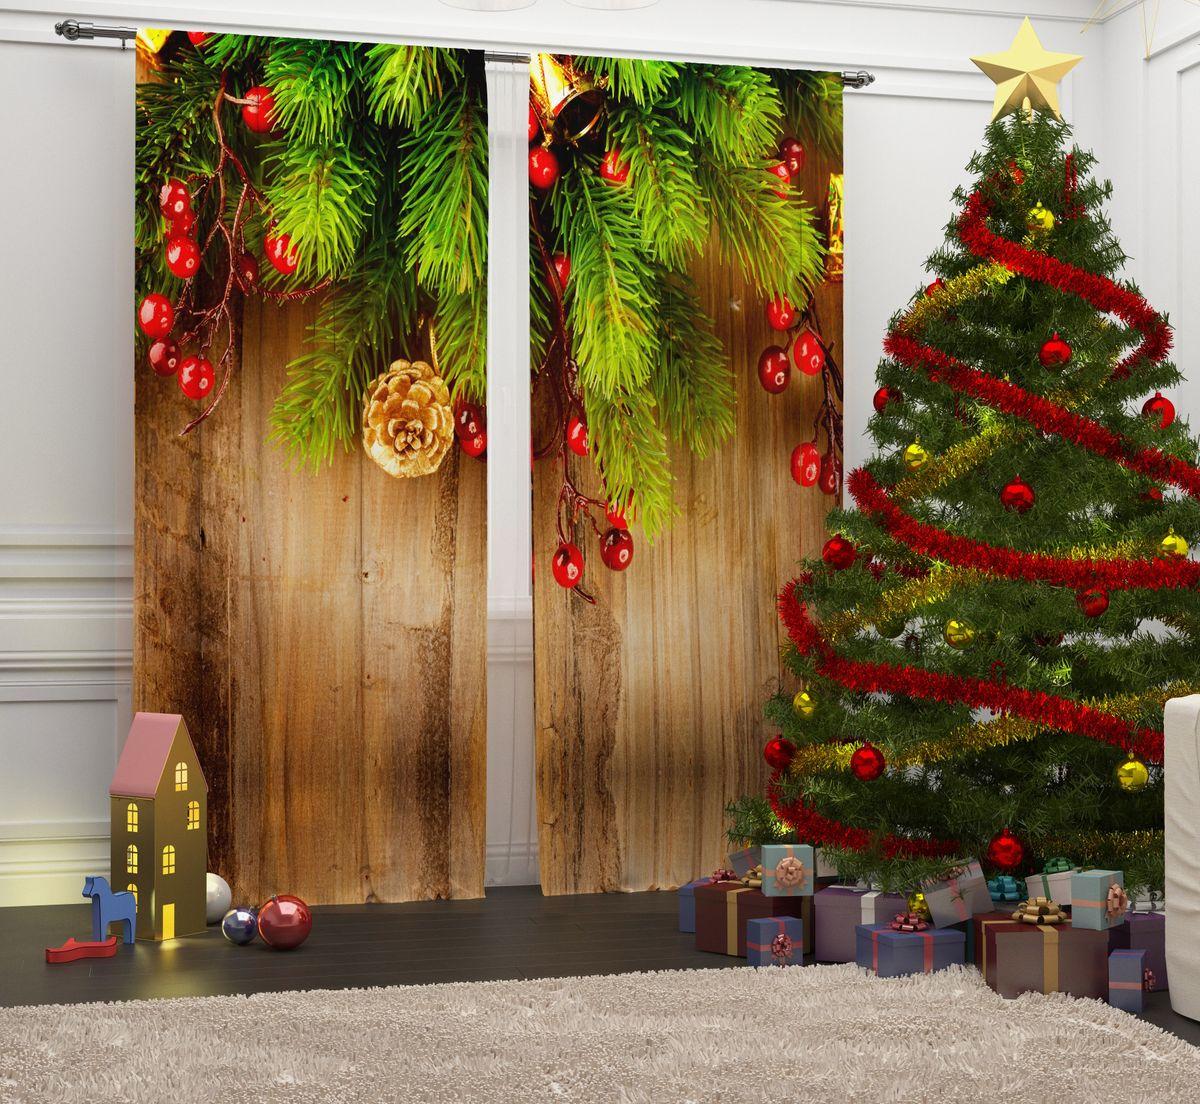 Фотошторы Сирень Праздничная ветка, на ленте, высота 260 см02157-ФШ-ГБ-001Перед новогодними праздниками каждая хозяйка или хозяин хотят украсить свой дом. Мы предлагаем оригинальное решение, украсить Ваше окно фотошторами с новогодней тематикой. Новогодние фотошторы Сирень станут отличным подарком на Новый год. Подарите радость праздника себе и Вашим близким людям! Текстиль бренда «Сирень» - качество в каждом сантиметре ткани! Крепление на карниз при помощи шторной ленты на крючки. В комплекте: Портьера: 2 шт. Размер (ШхВ): 145 см х 260 см. Рекомендации по уходу: стирка при 30 градусах гладить при температуре до 150 градусов Изображение на мониторе может немного отличаться от реального.